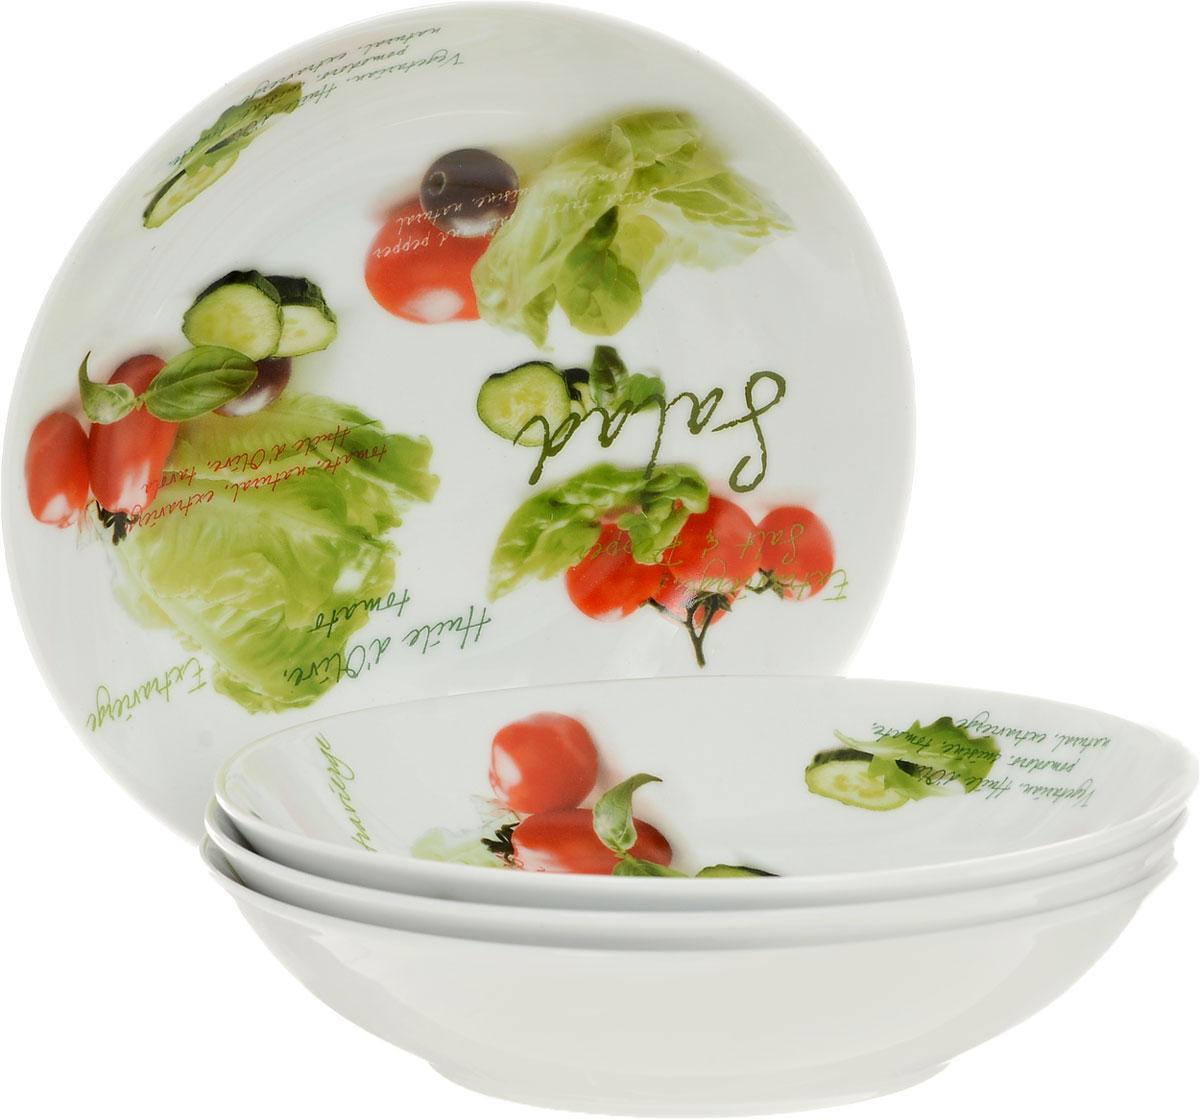 Набор глубоких тарелок Nuova R2S Салат, диаметр 20 см, 4 шт711SLDНабор Nuova R2S Салат состоит из четырех глубоких тарелок, выполненных из высококачественного фарфора. Изделия декорированы красочным изображением овощей. Такой набор украсит сервировку стола и порадует вас дизайном.